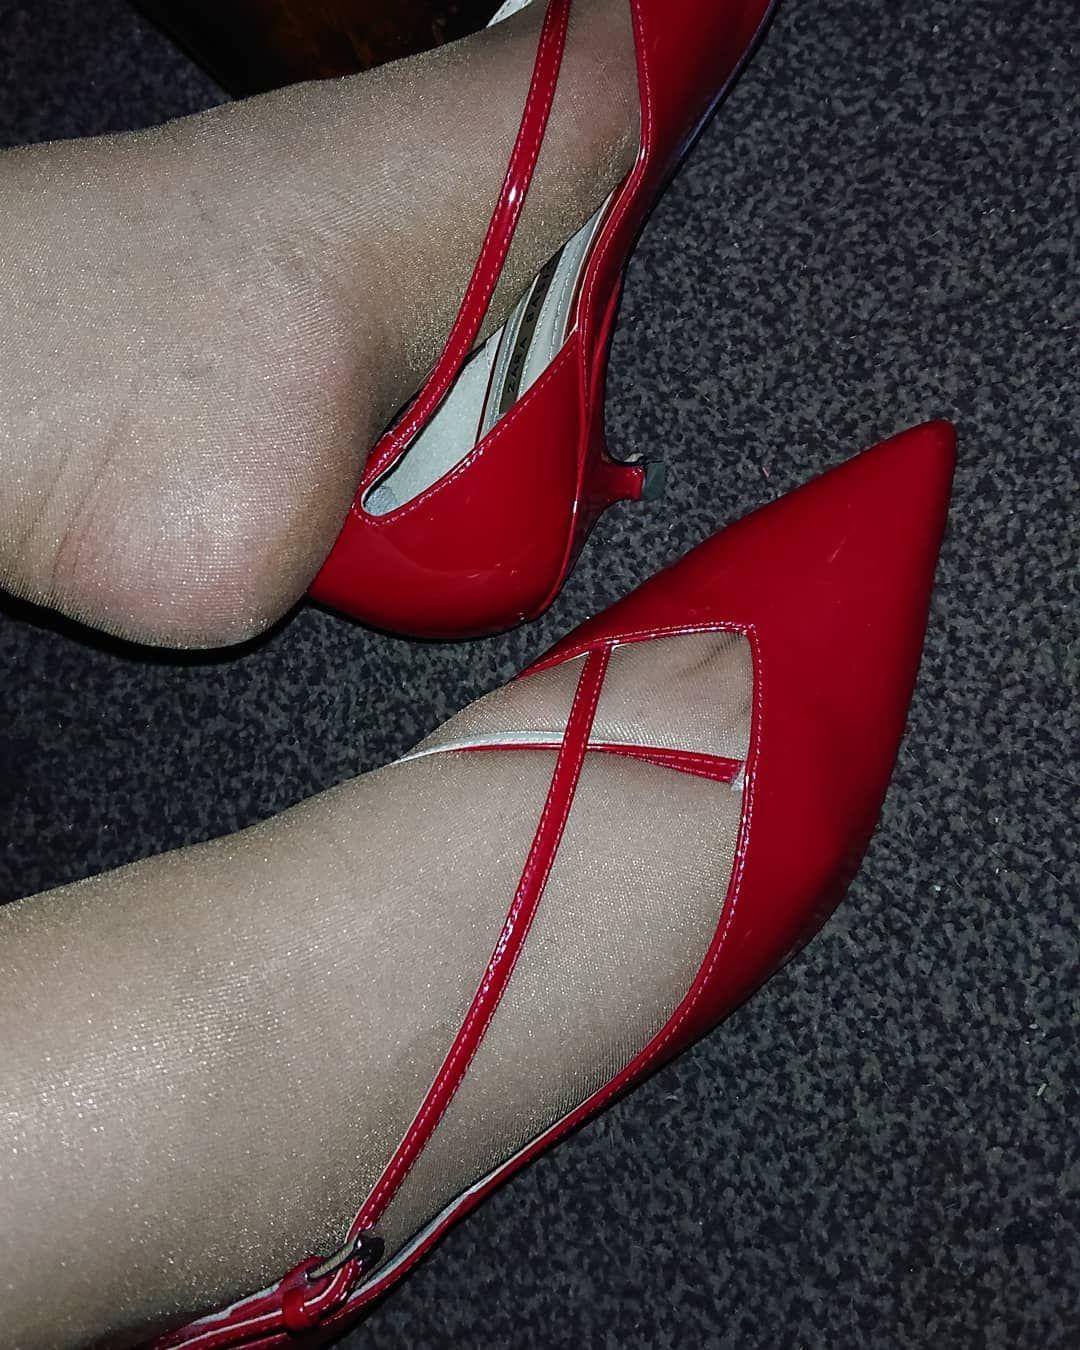 7bc59b4a9f37a #socks #foot #footfetish #worntights #wornsocks #wornstockings #footworship  #feet